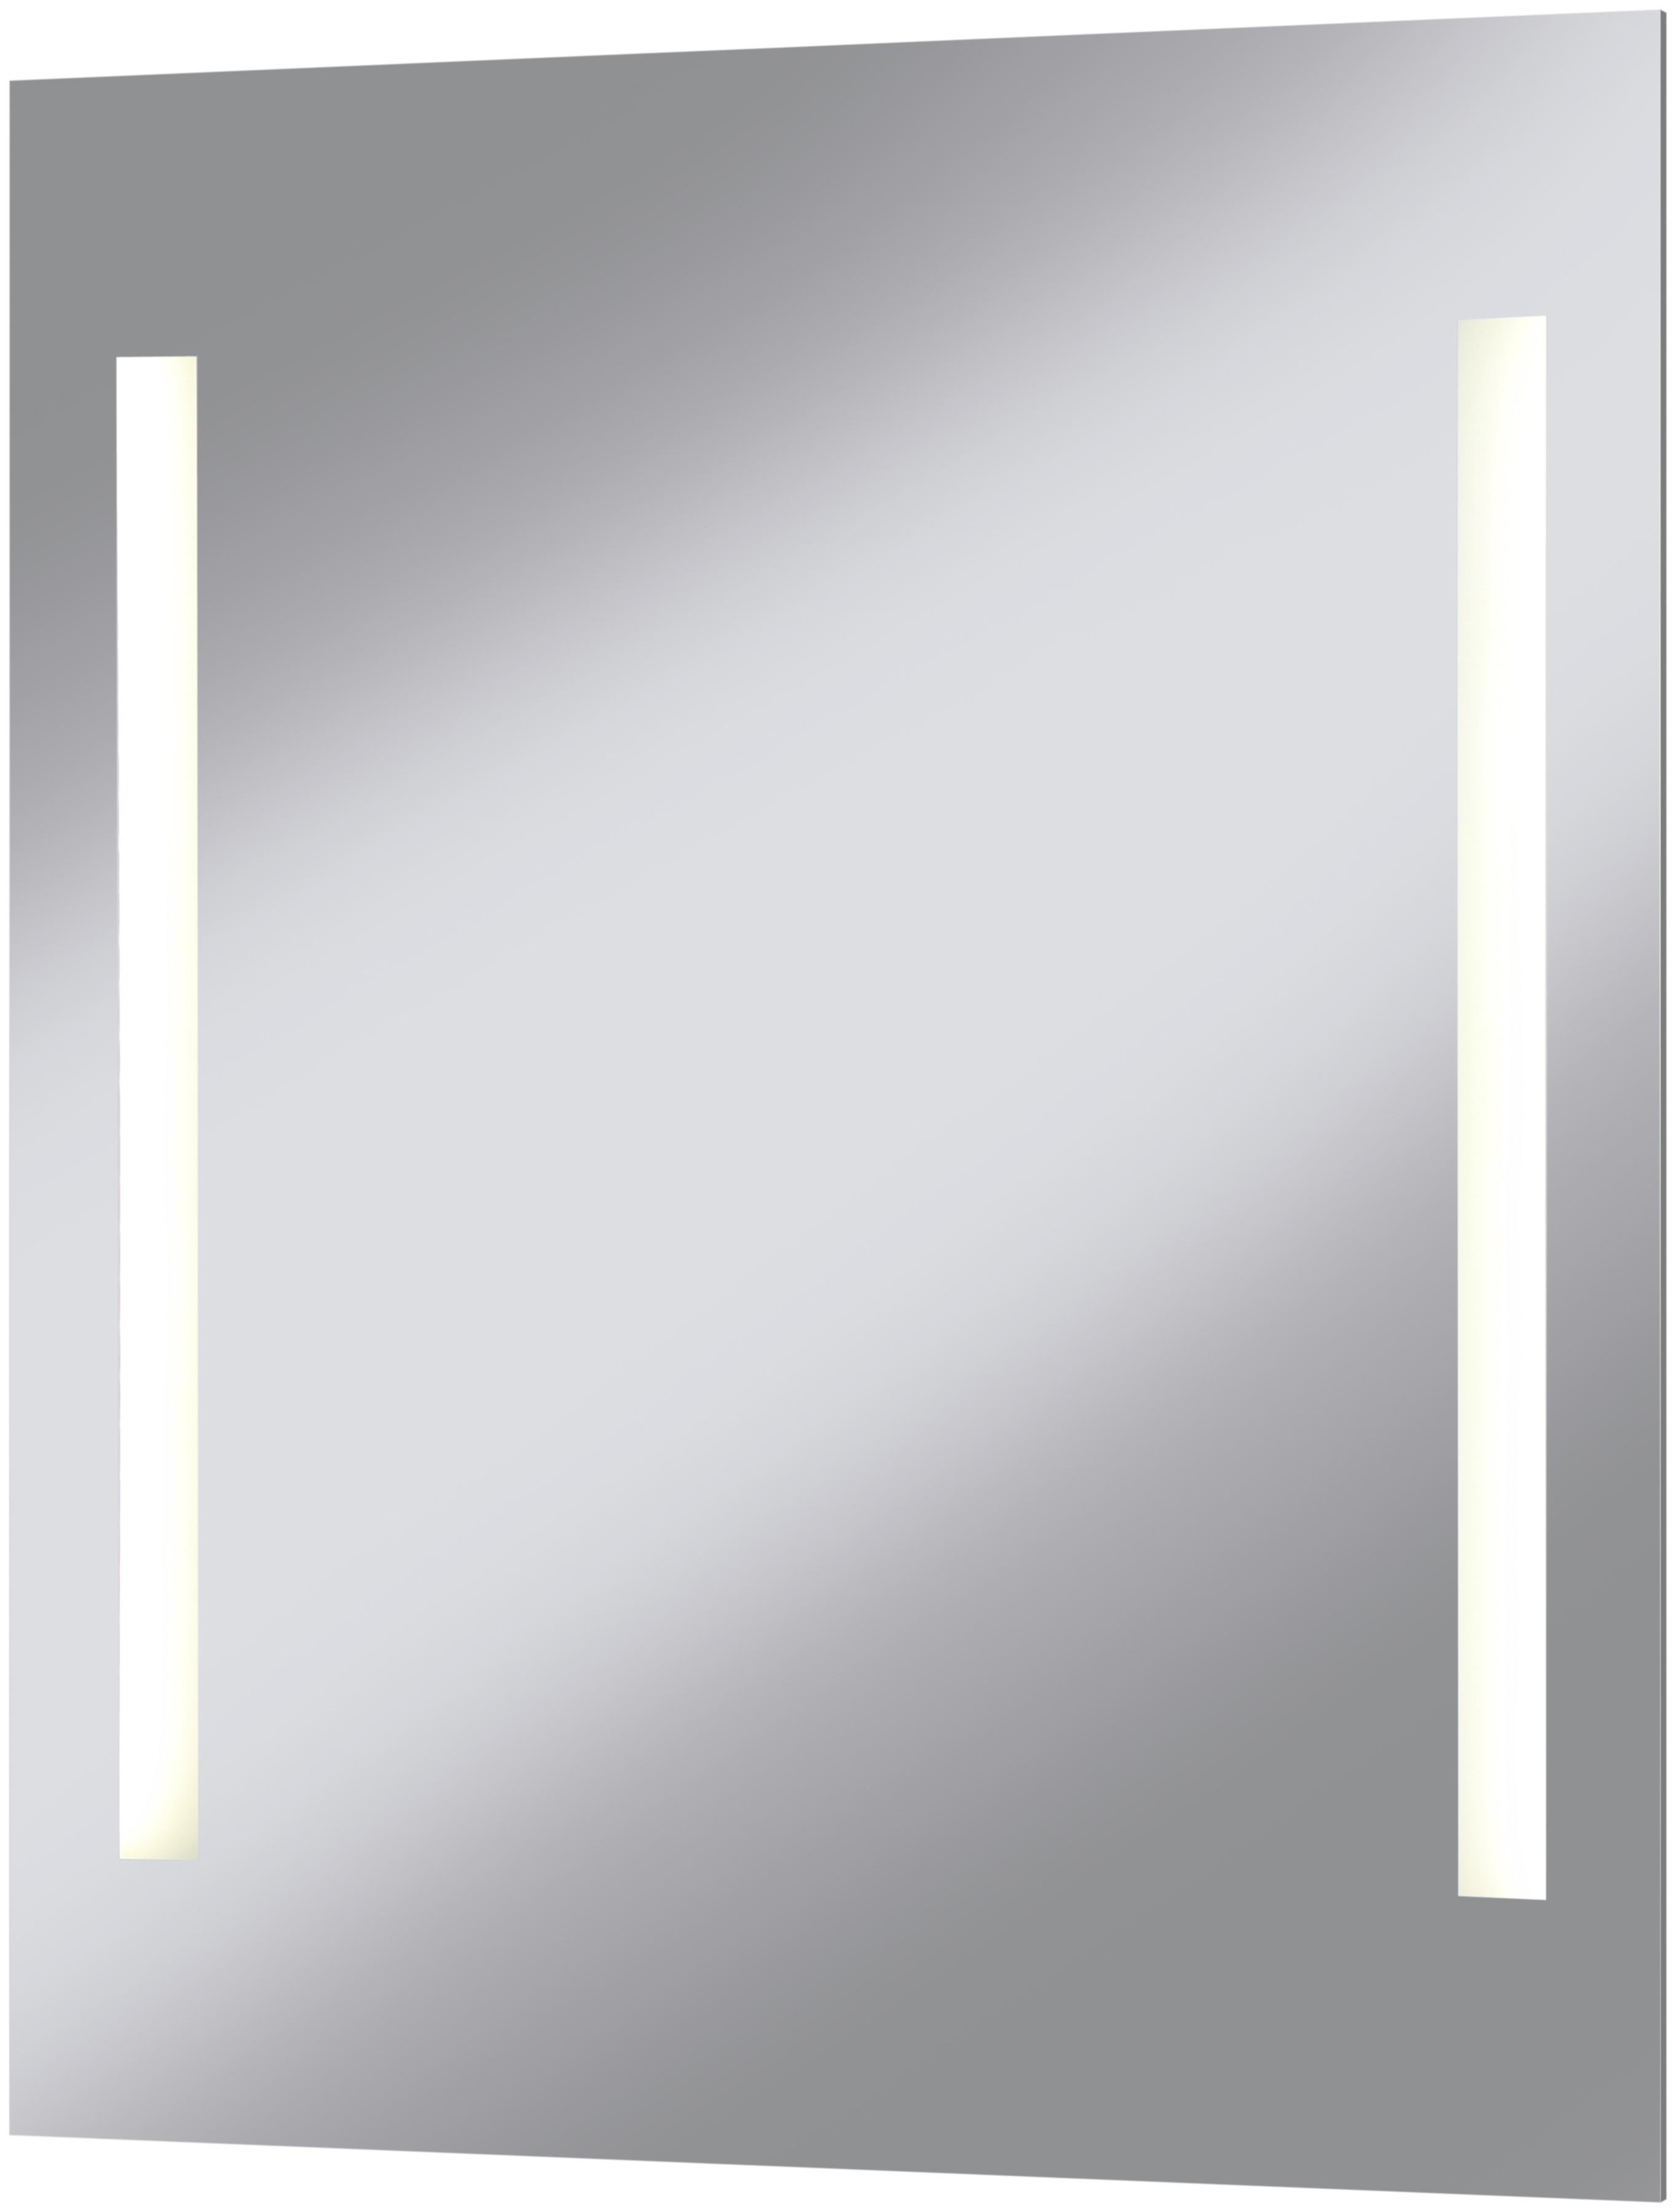 WELLTIME Badspiegel Miami, LED-Spiegel, 60 x 70 cm   Bad > Spiegel fürs Bad   Welltime